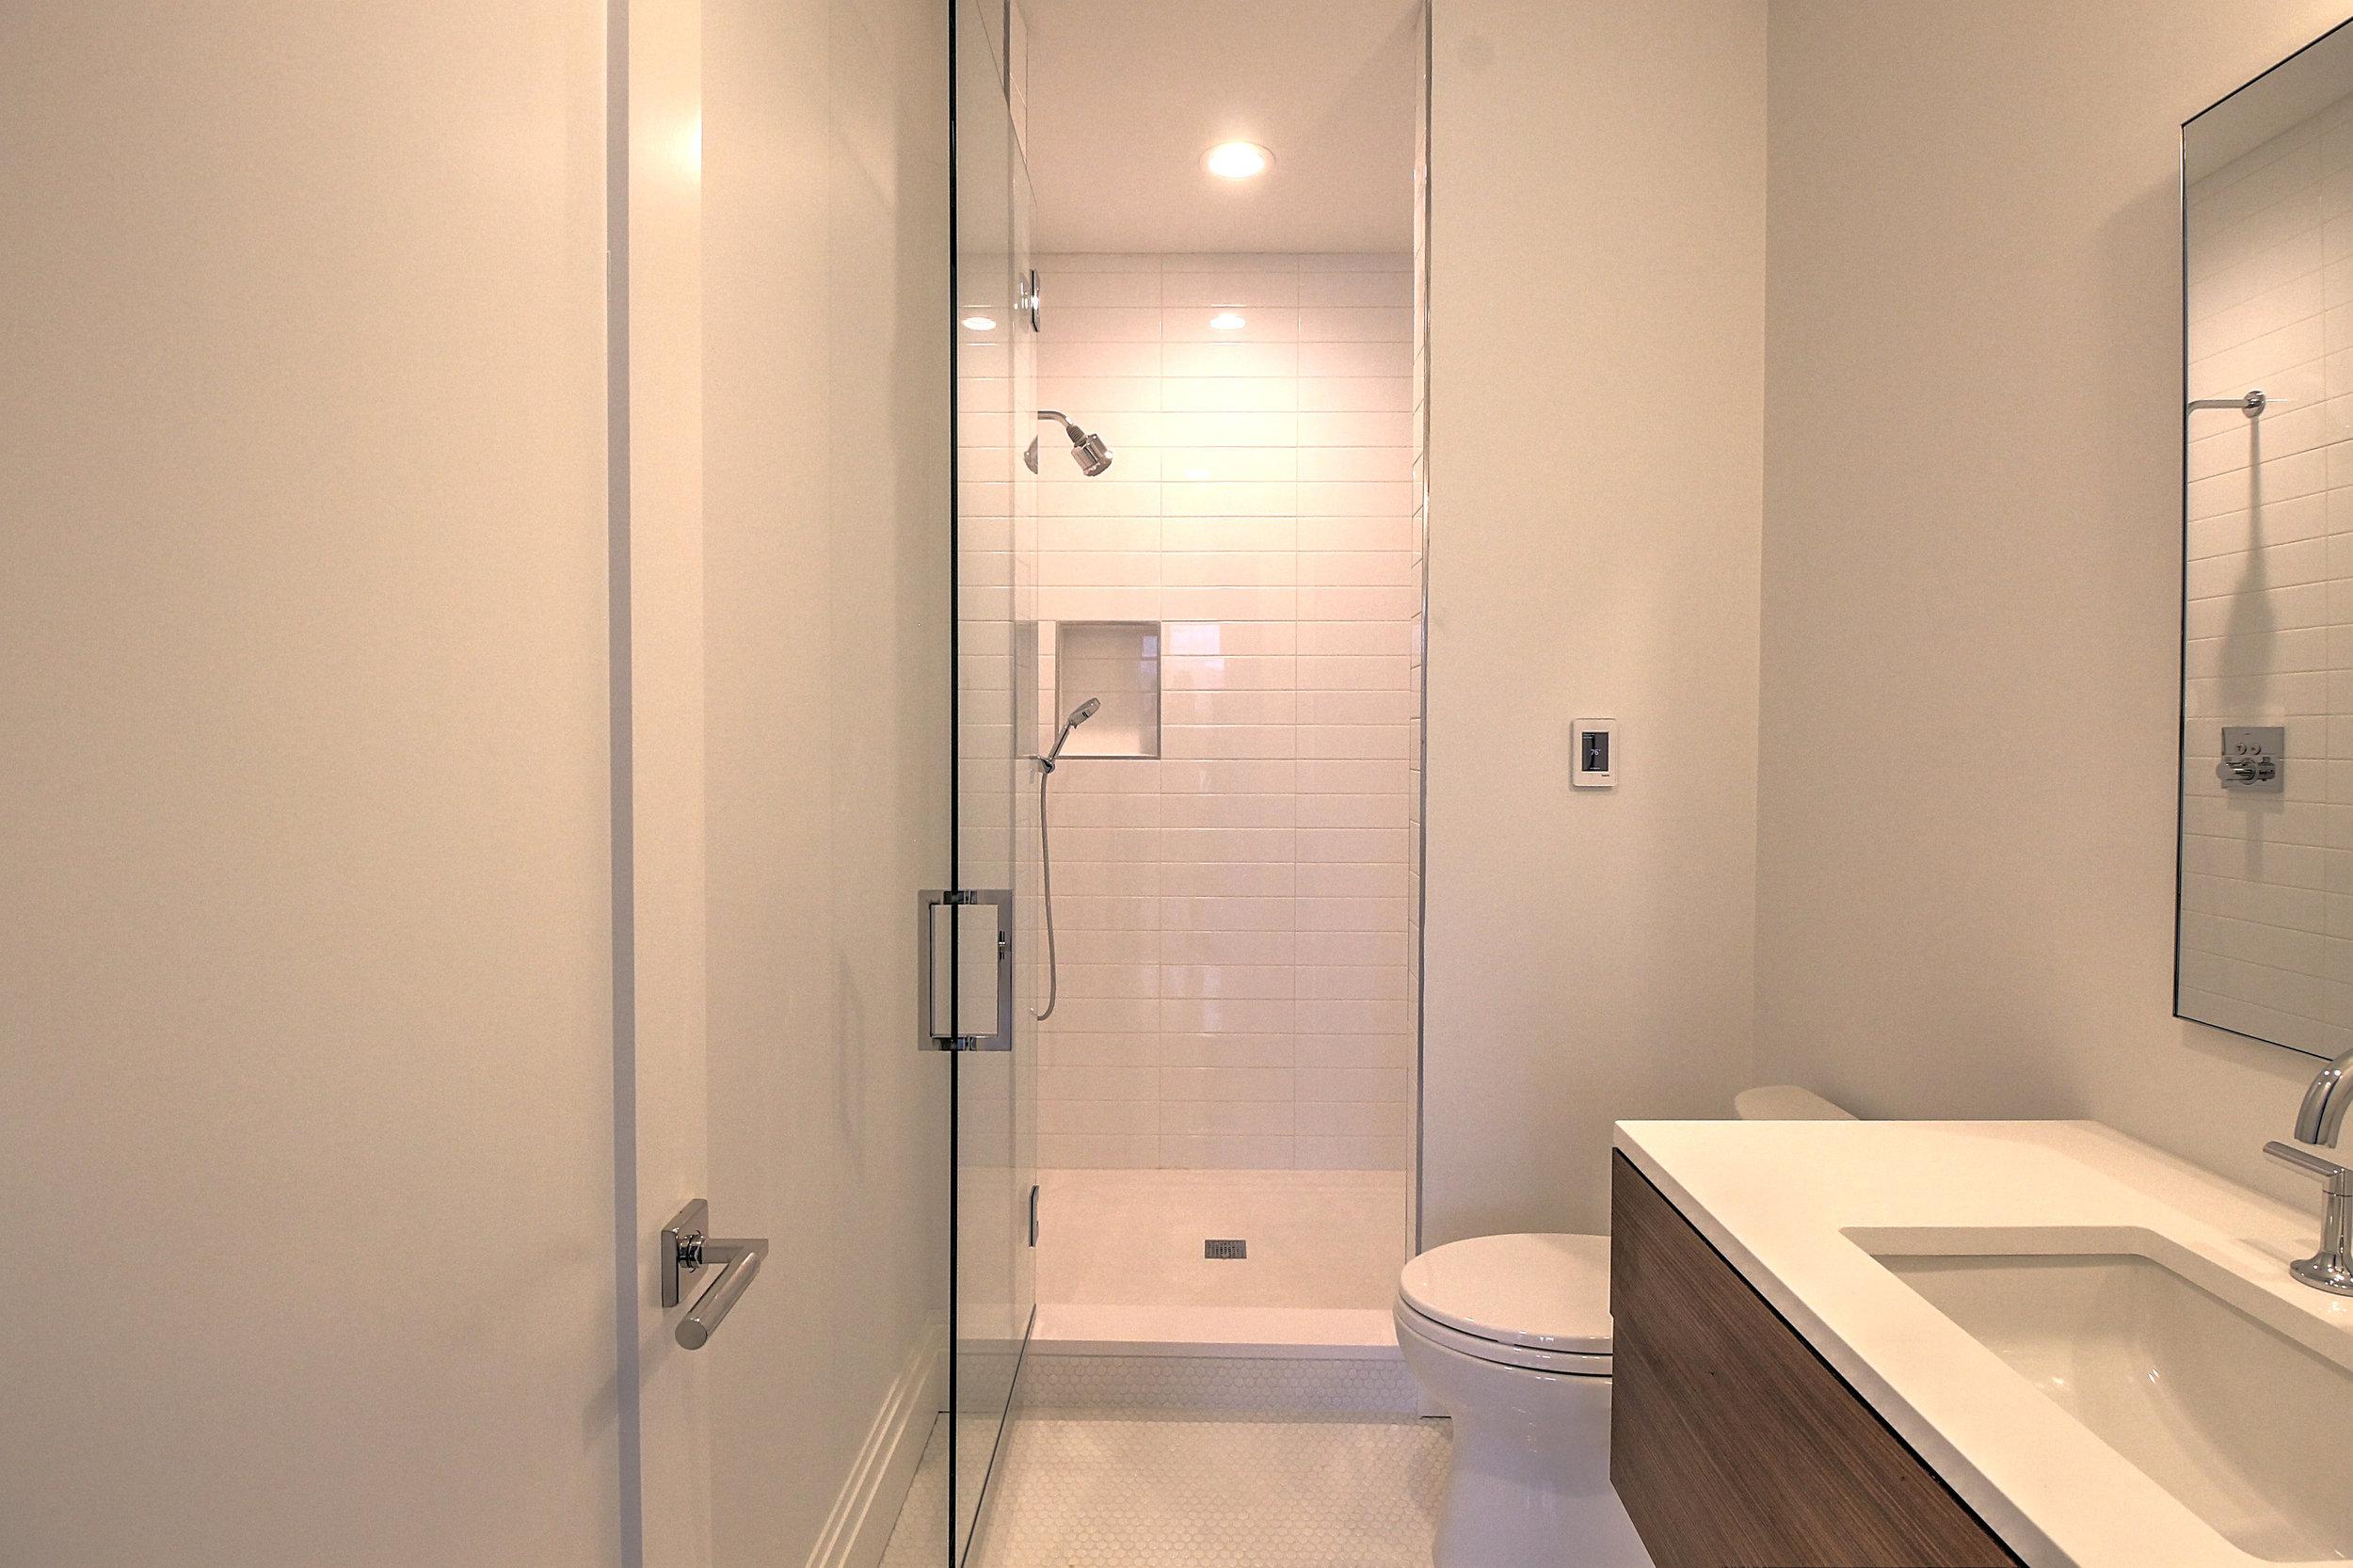 Downstairs bath2.jpg